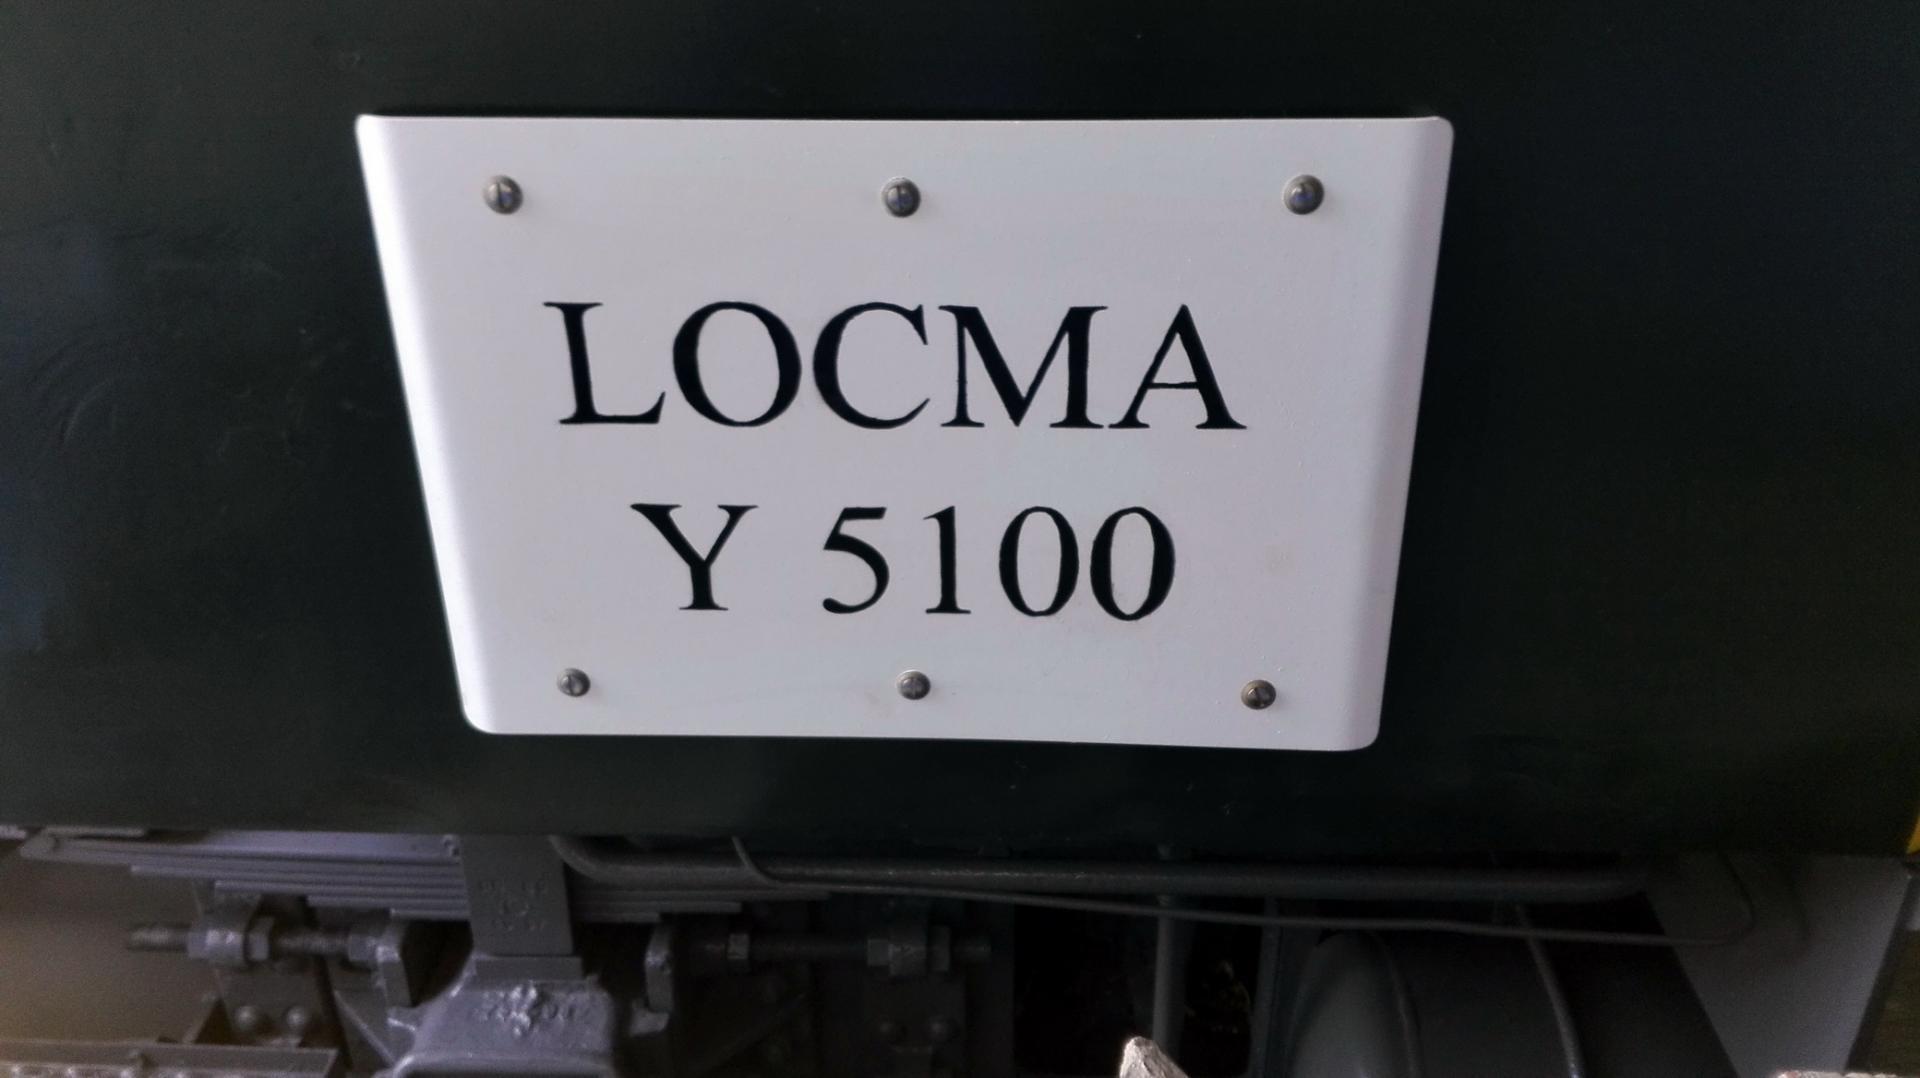 Locma y5100 29 redimensionner